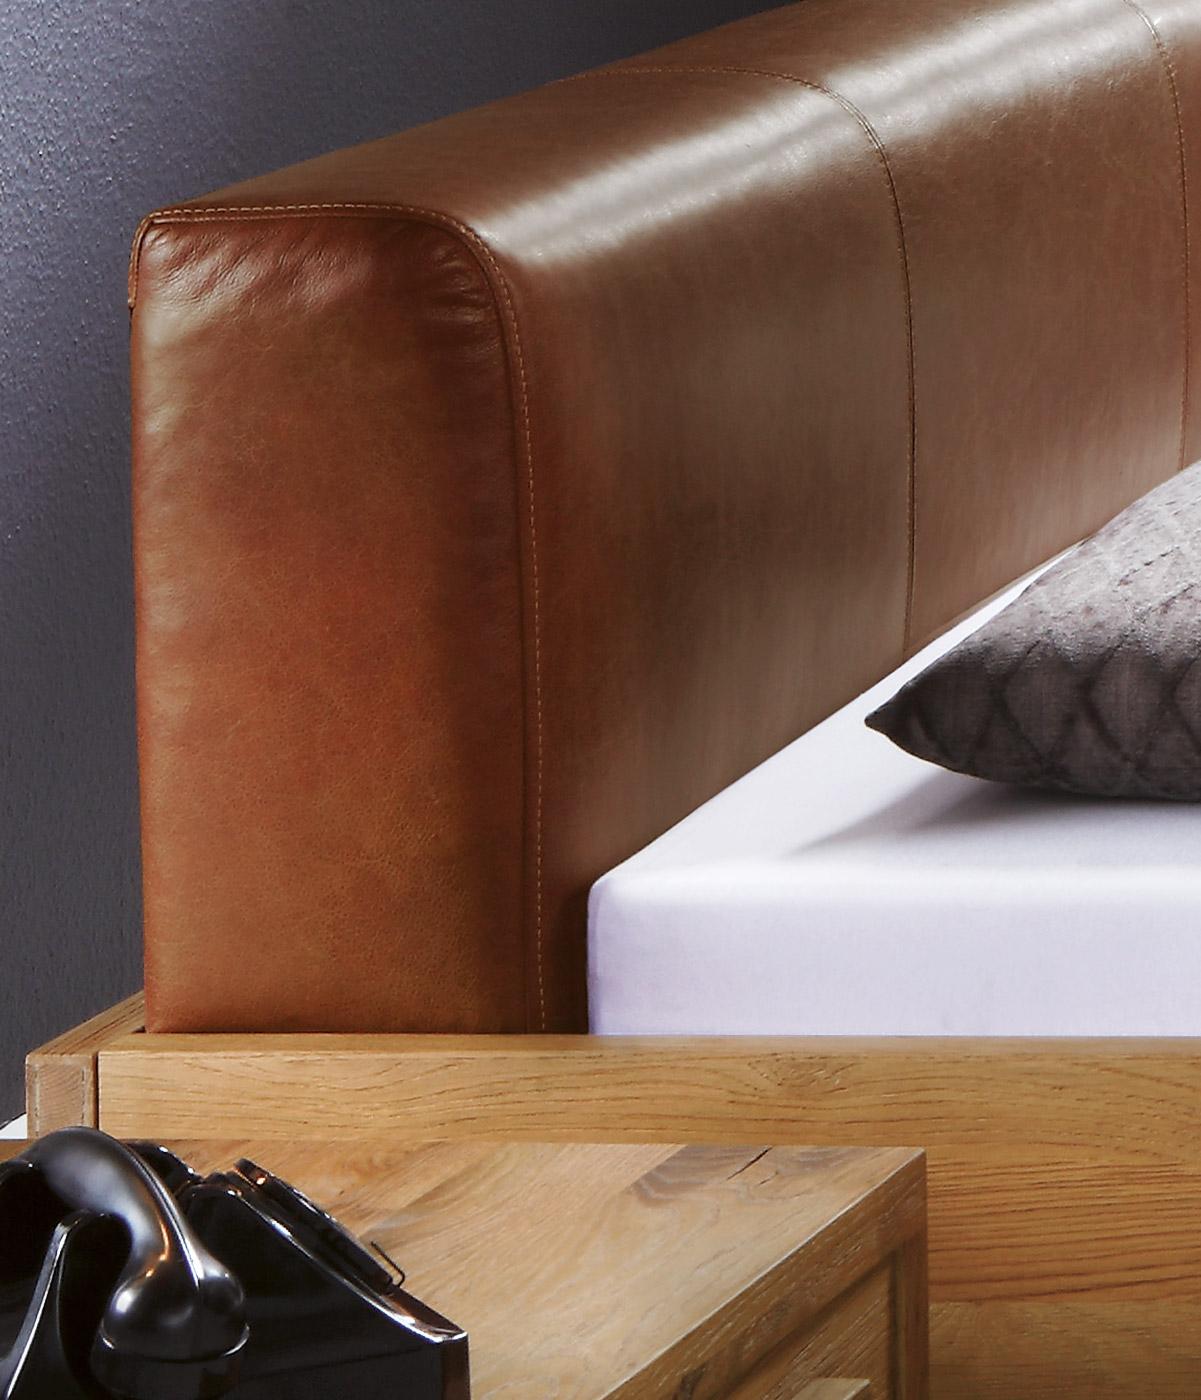 kopfteil bett leder top elegantes boconcept designer bett wei mit kopfteil aus leder in berlin. Black Bedroom Furniture Sets. Home Design Ideas